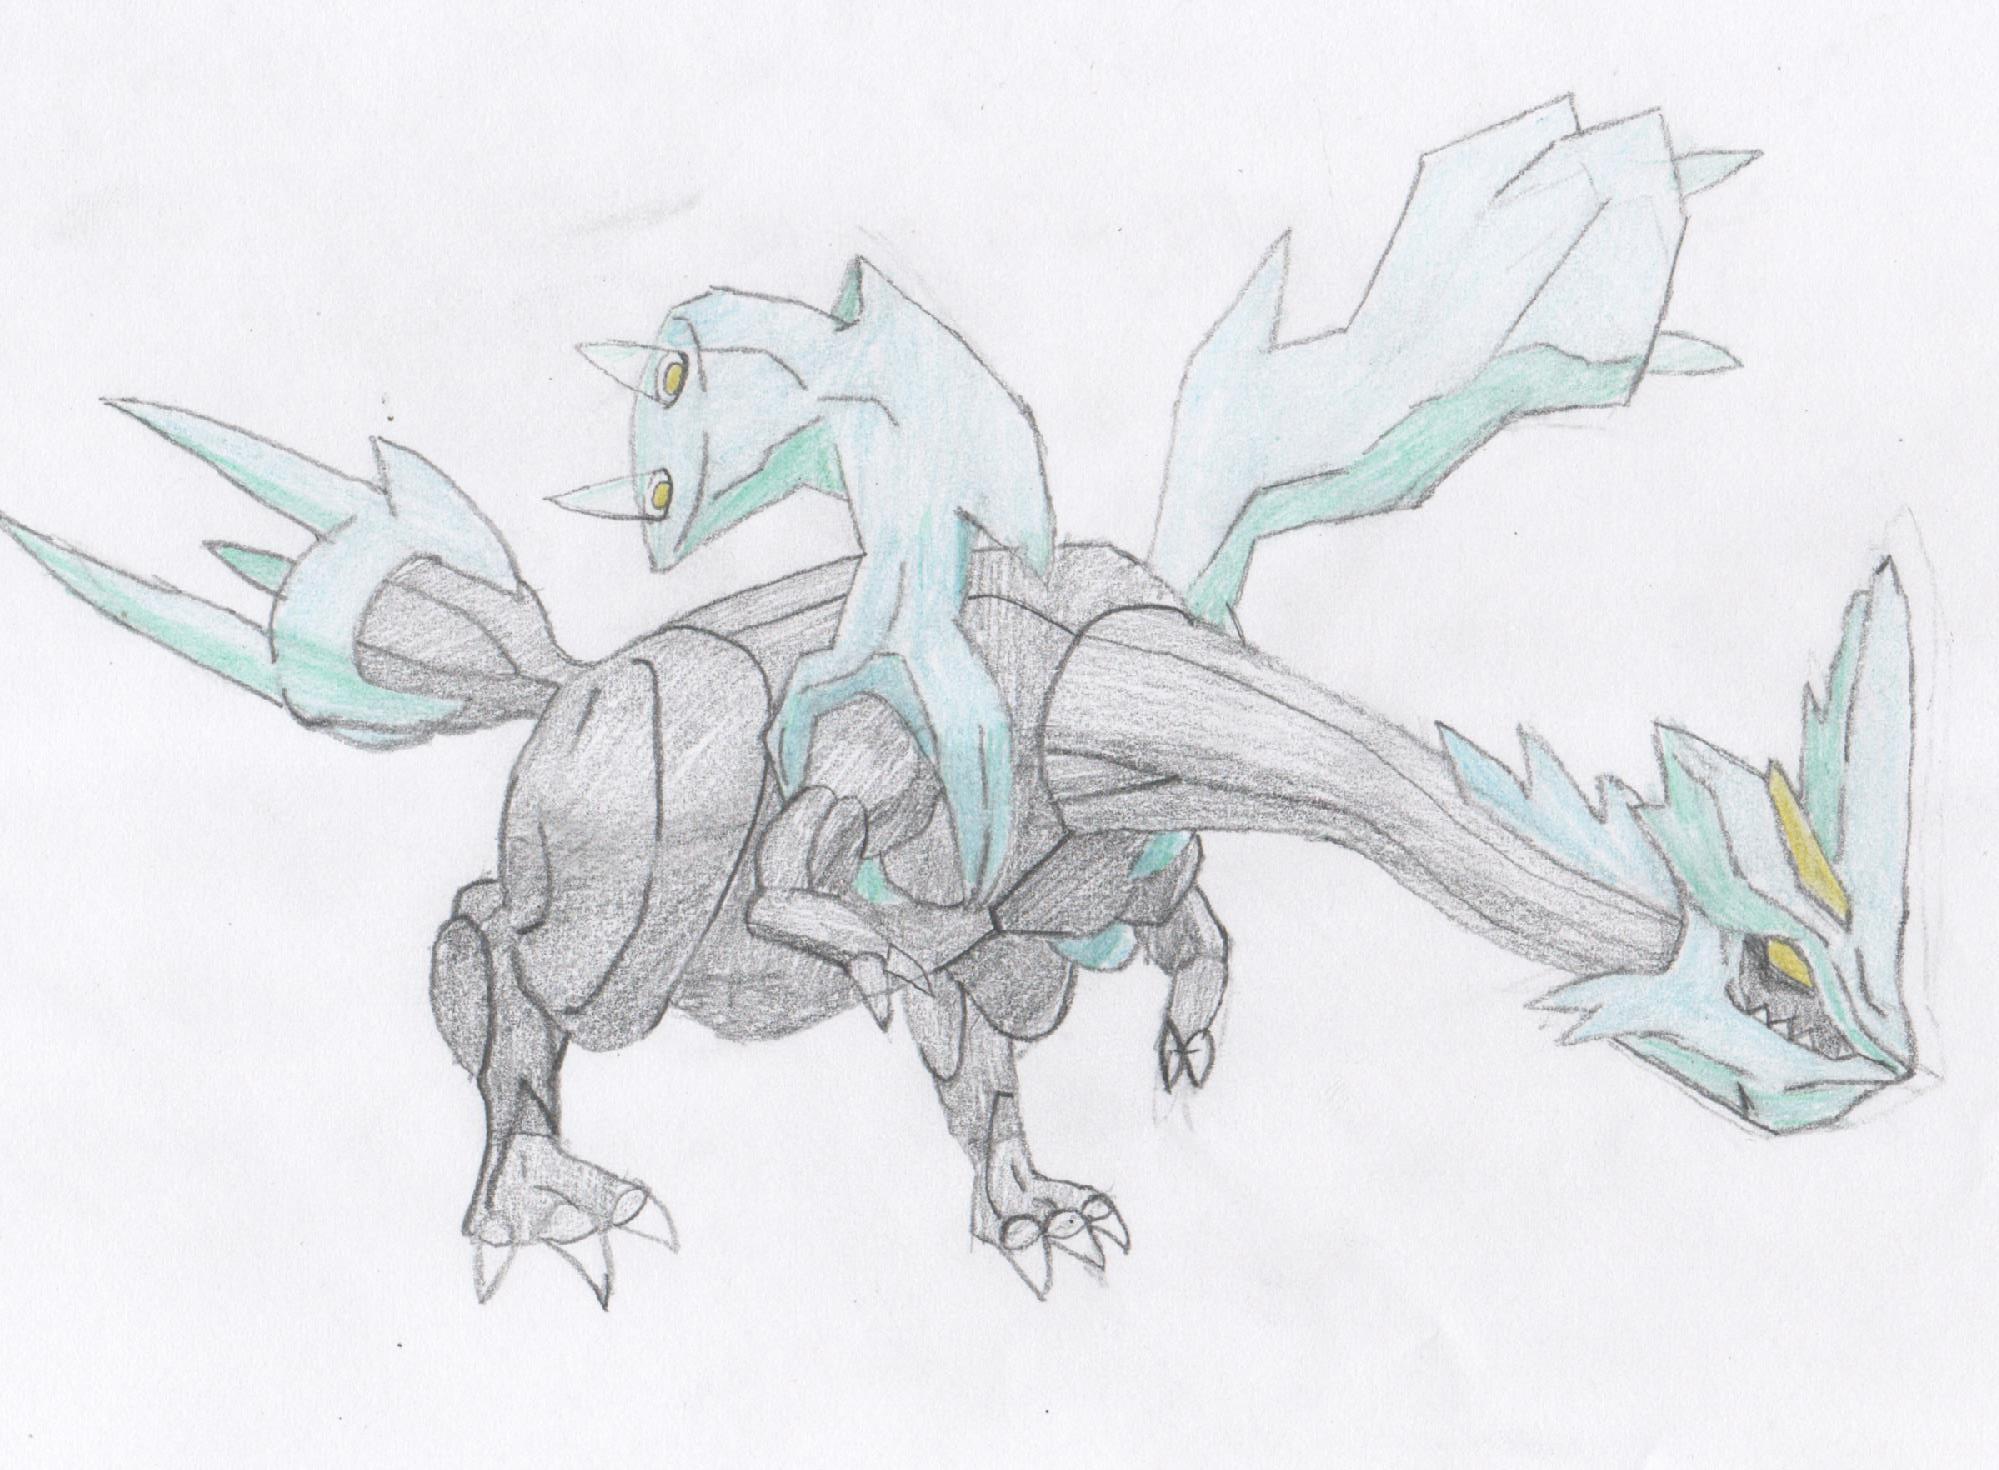 Pokémon-Zeichnung: Zeichnung von Kyurem.